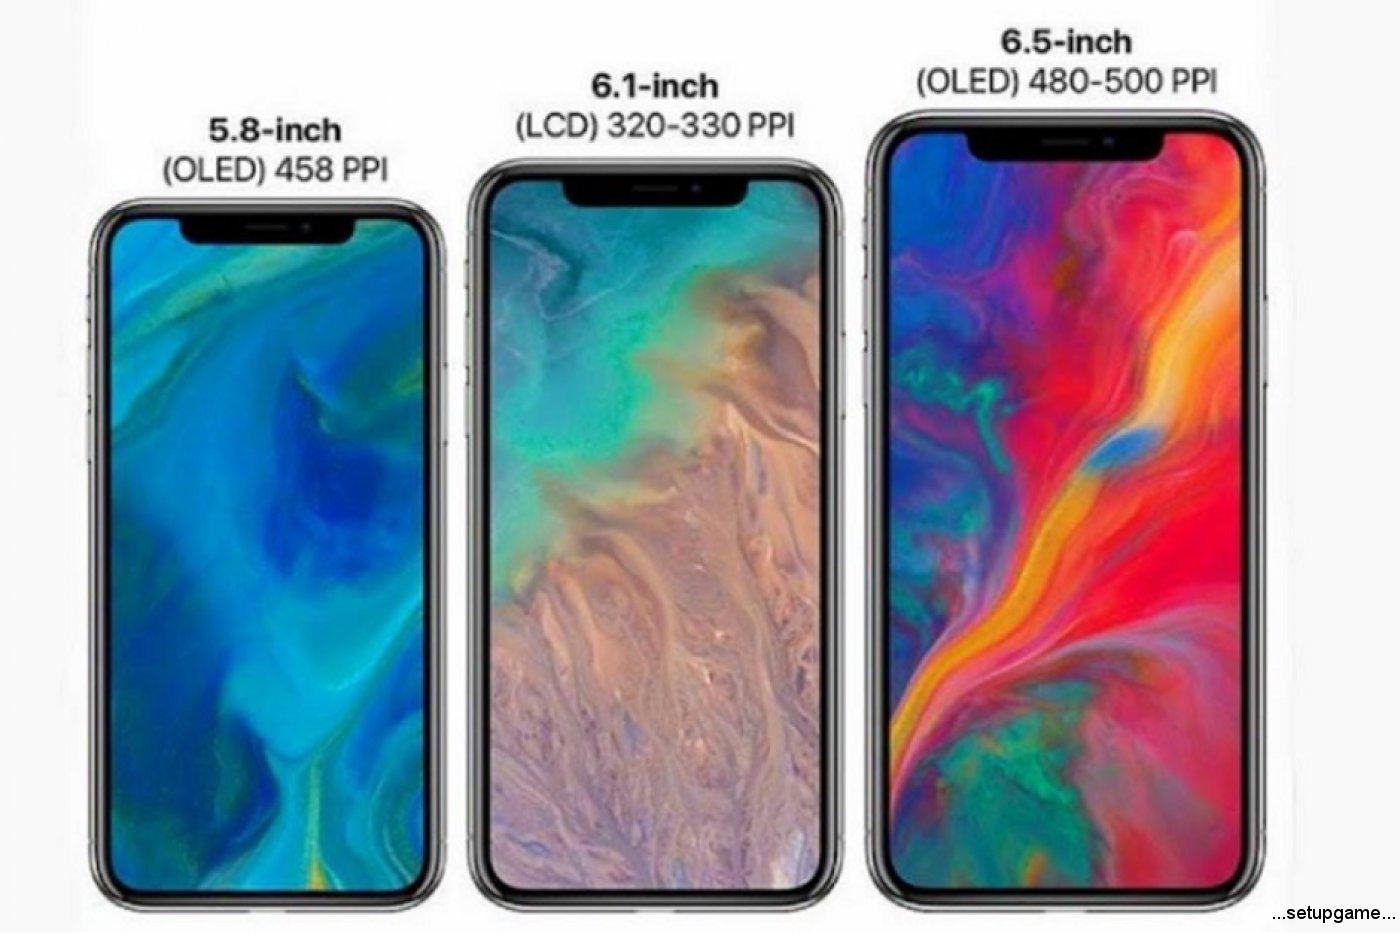 آیفون 6.1 اینچی با نمایشگر LCD احتمالاً 849 دلار قیمت خواهد داشت